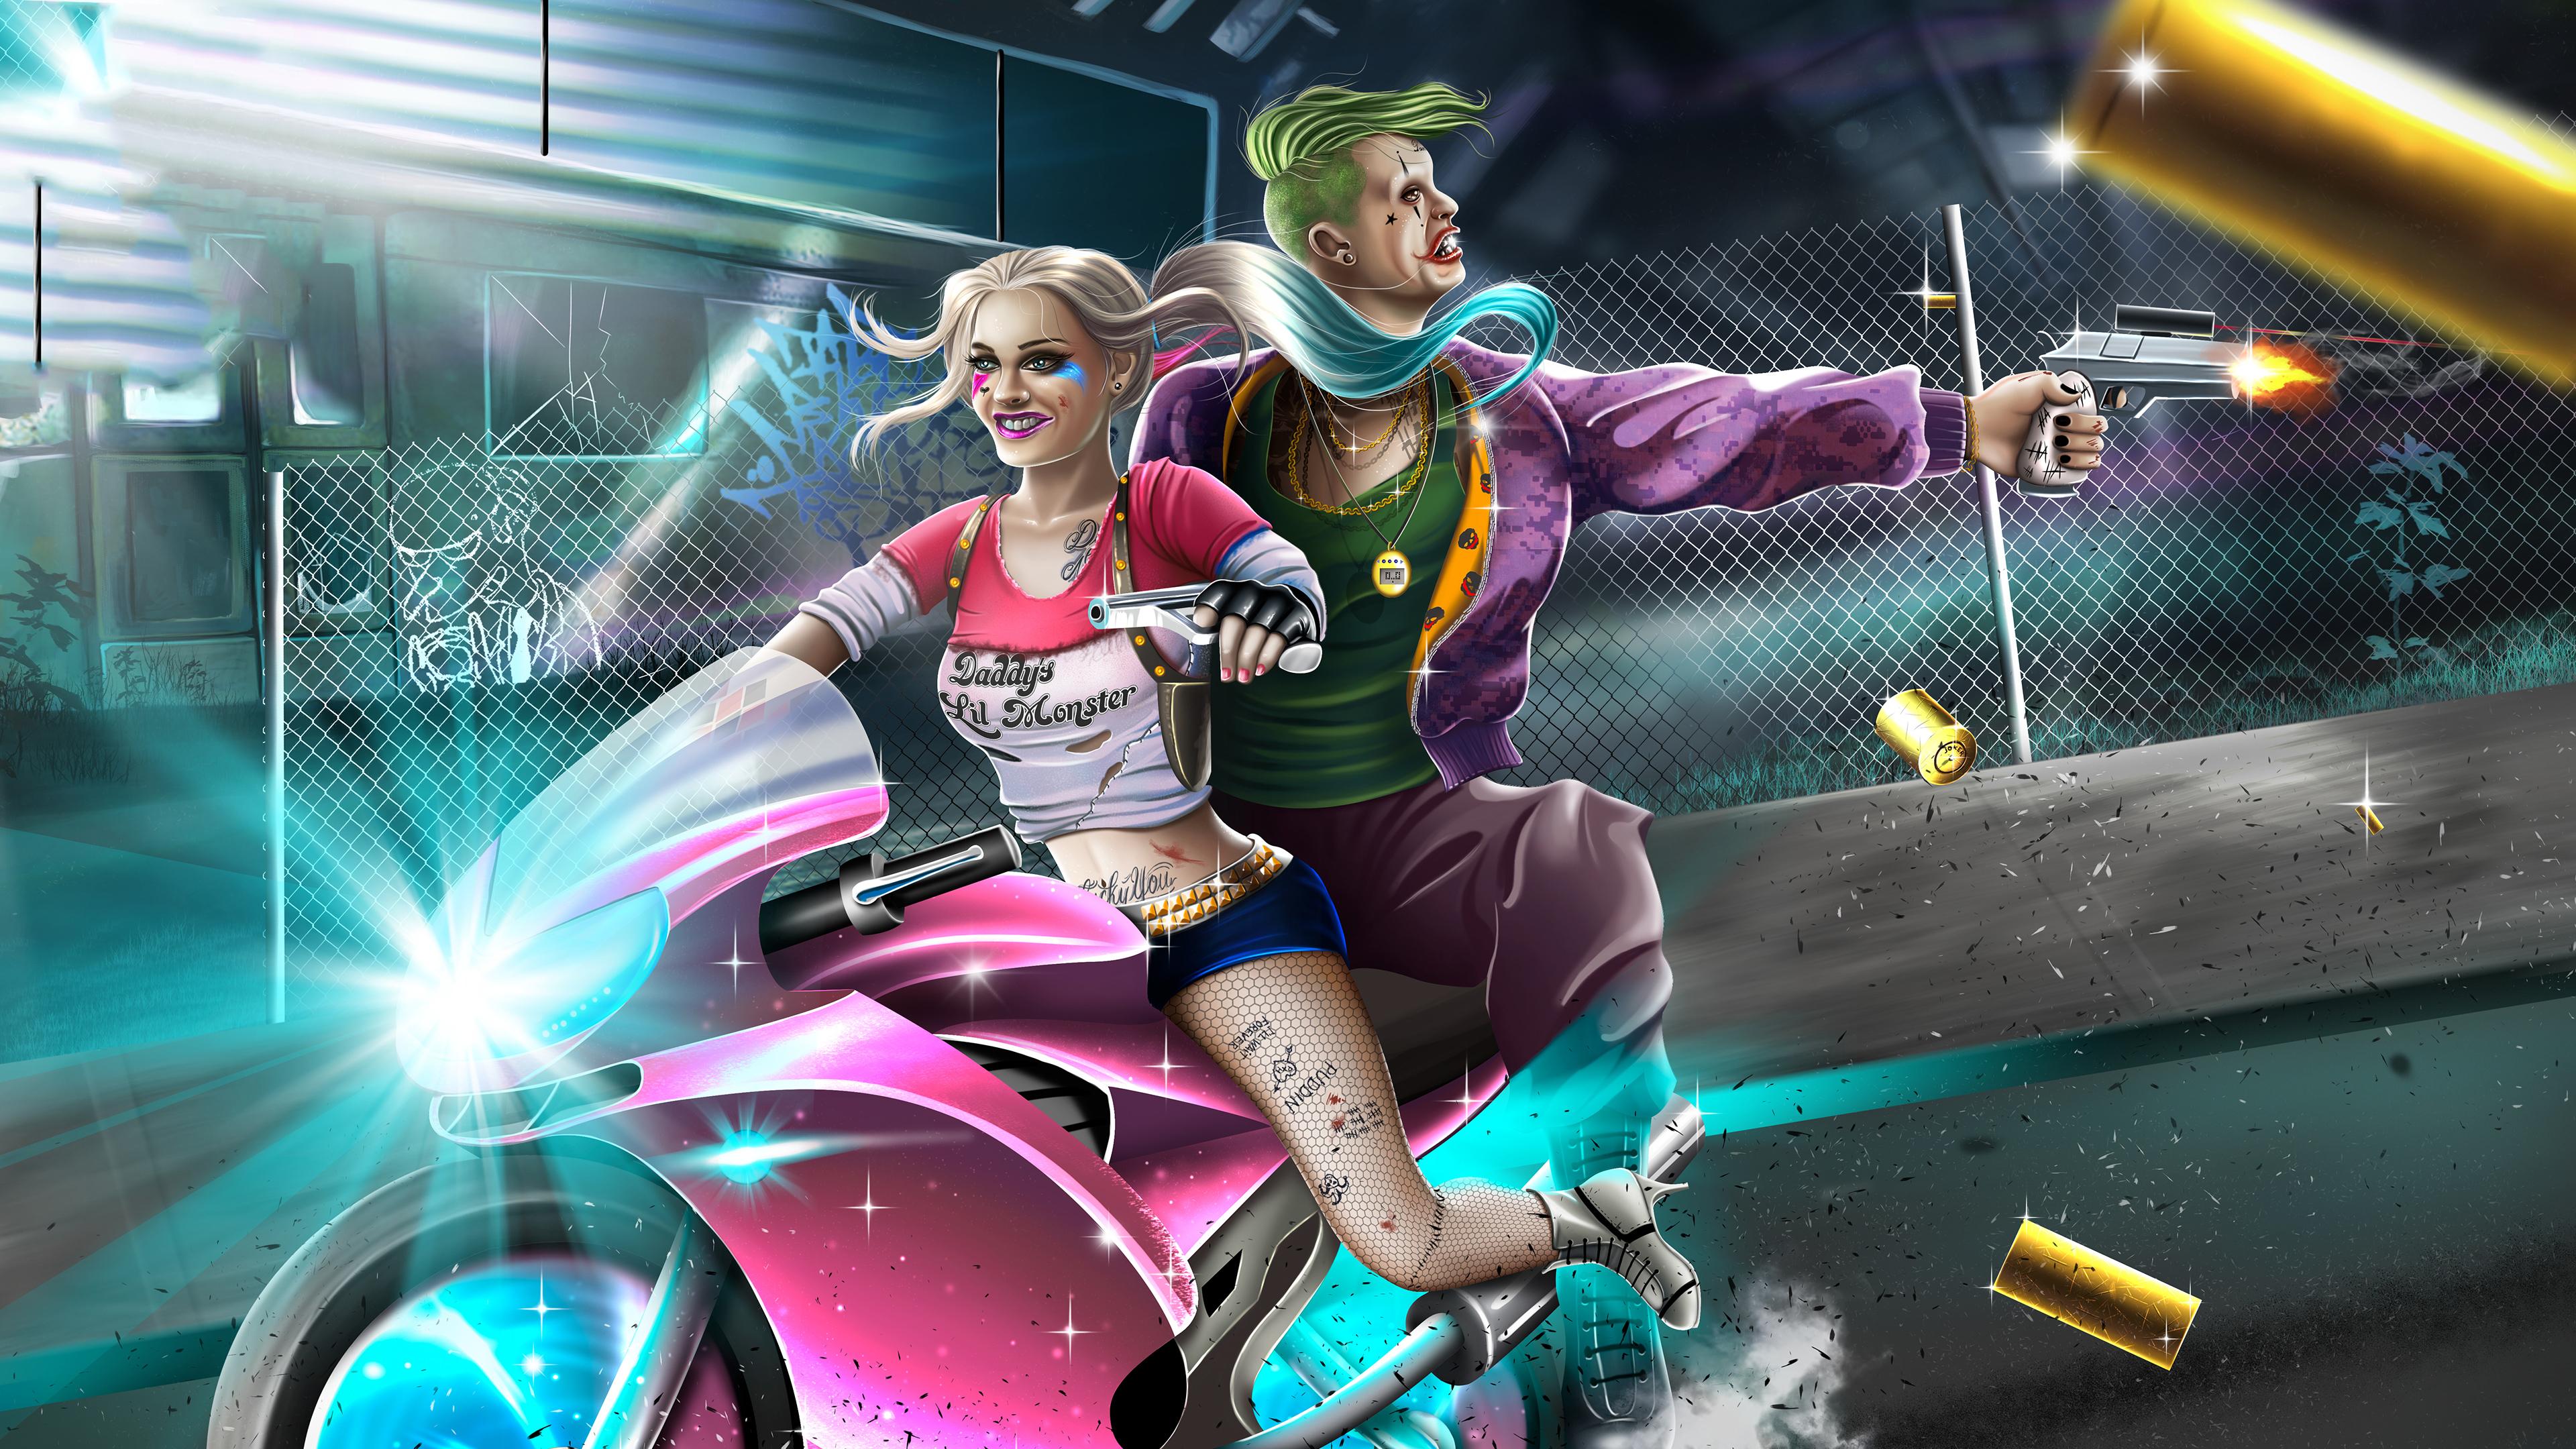 Harley Quinn And Joker 4k Hd Superheroes 4k Wallpapers